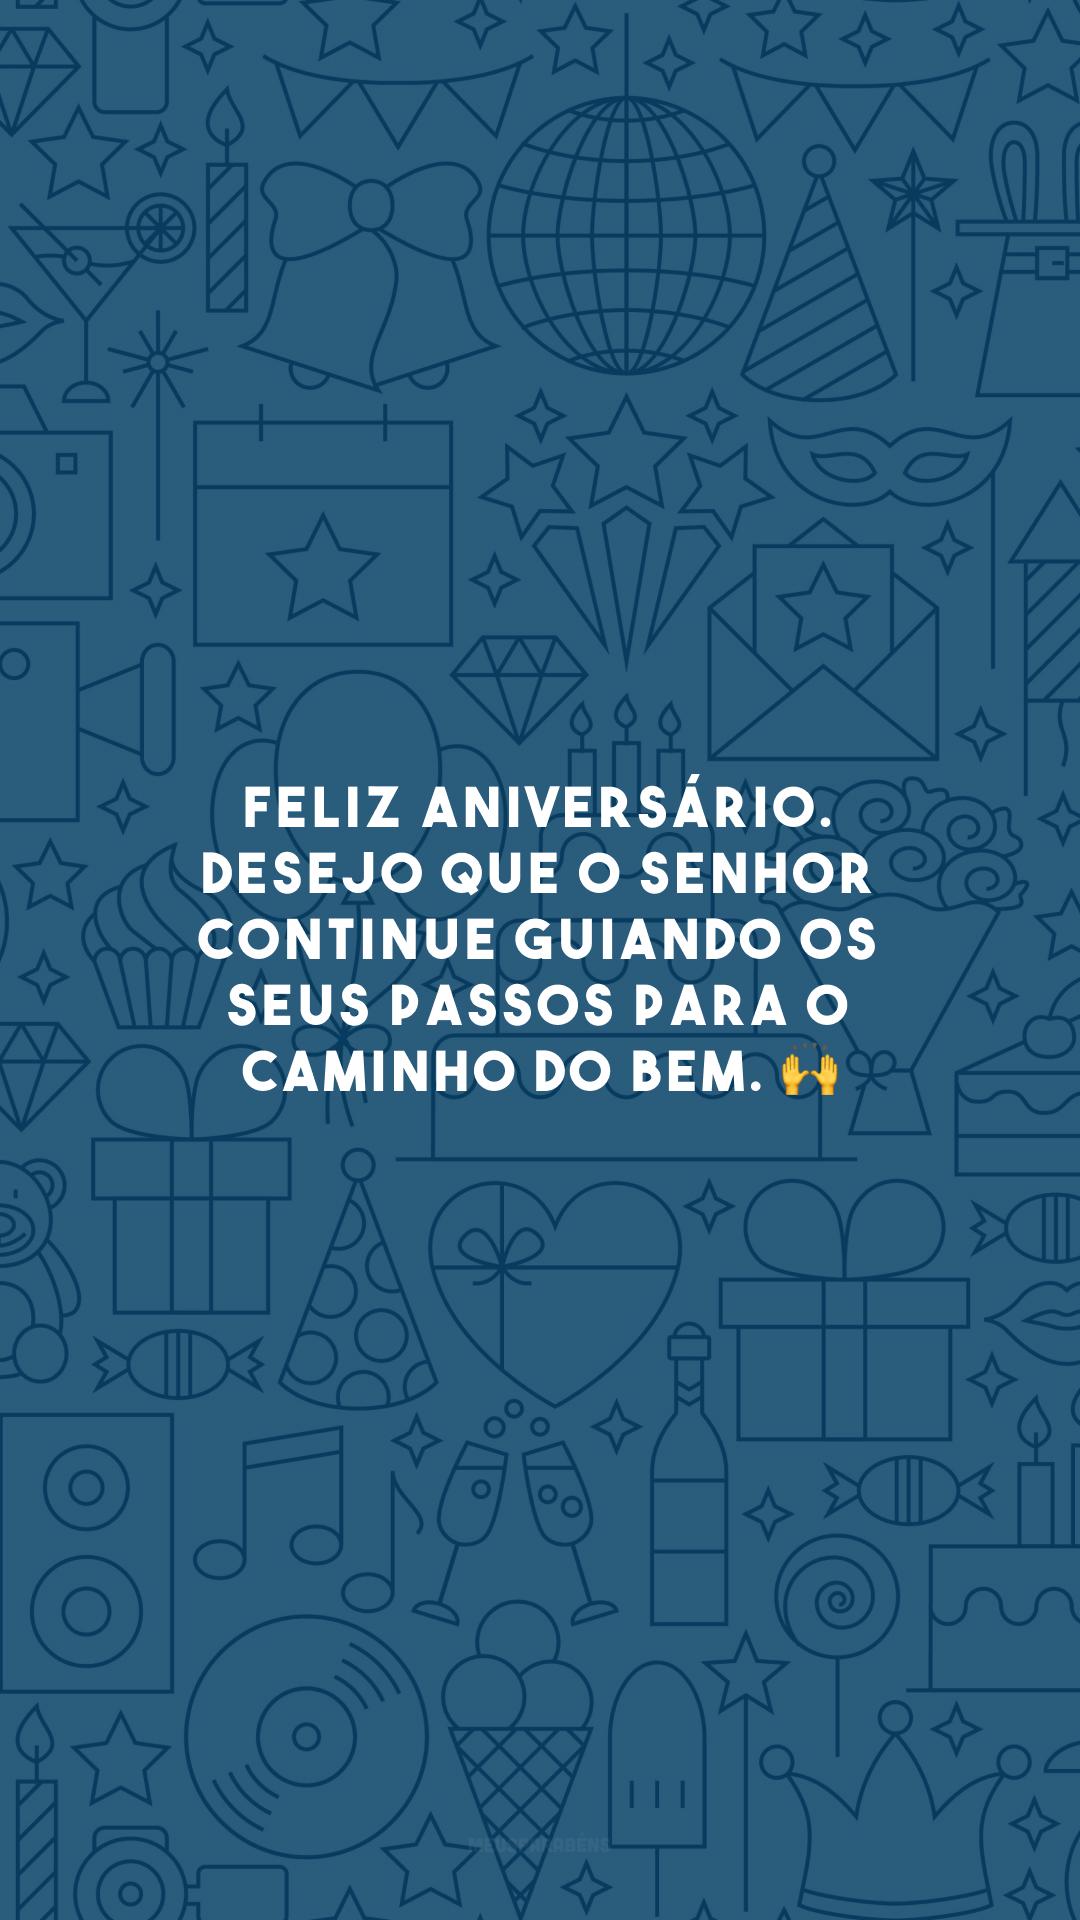 Feliz aniversário. Desejo que o Senhor continue guiando os seus passos para o caminho do bem. 🙌